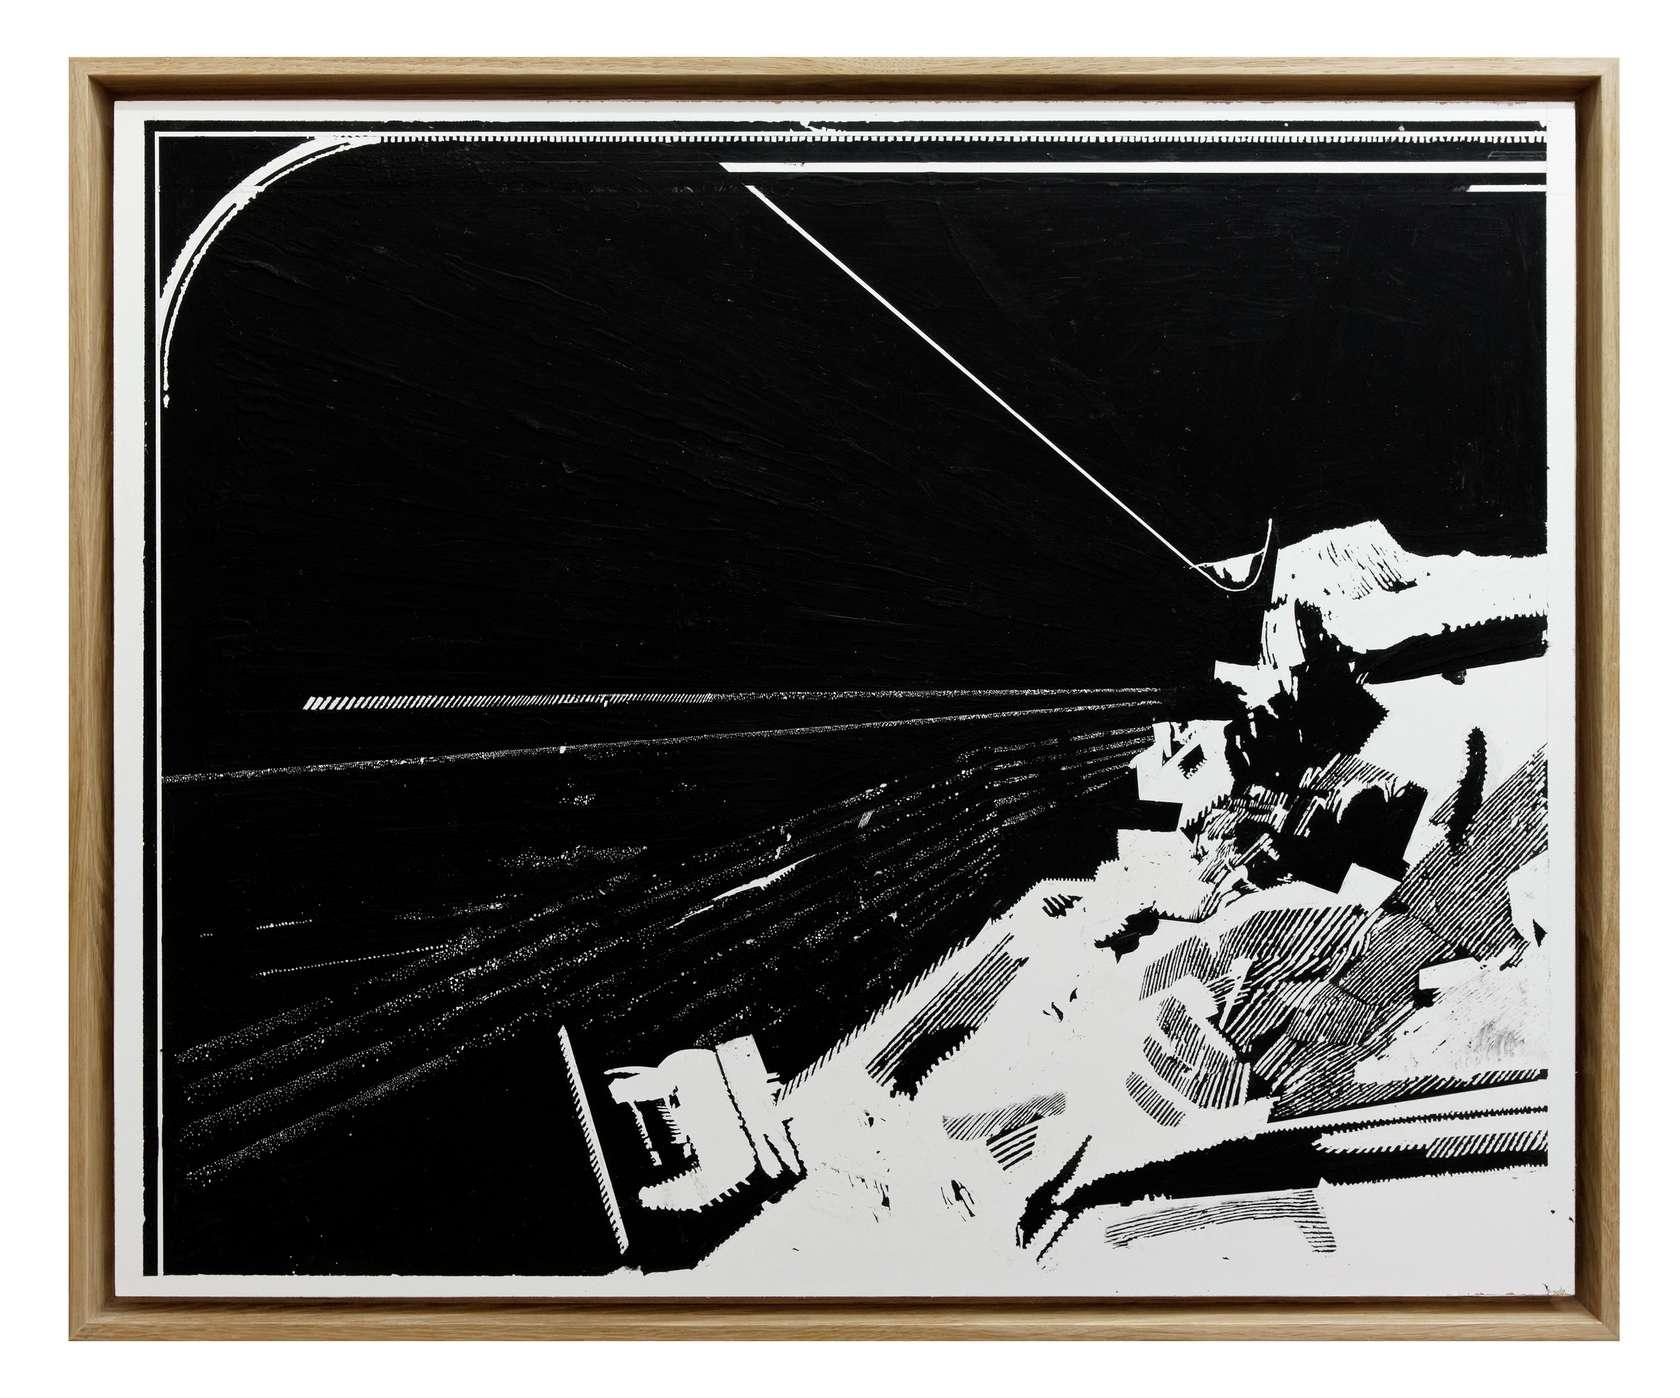 Julien Tiberi, El astro de la suela IV, 2011 Acrylique gratée sur isorel laqué blanc61.5 × 75.5 cm / 24 2/8 × 29 6/8 in.